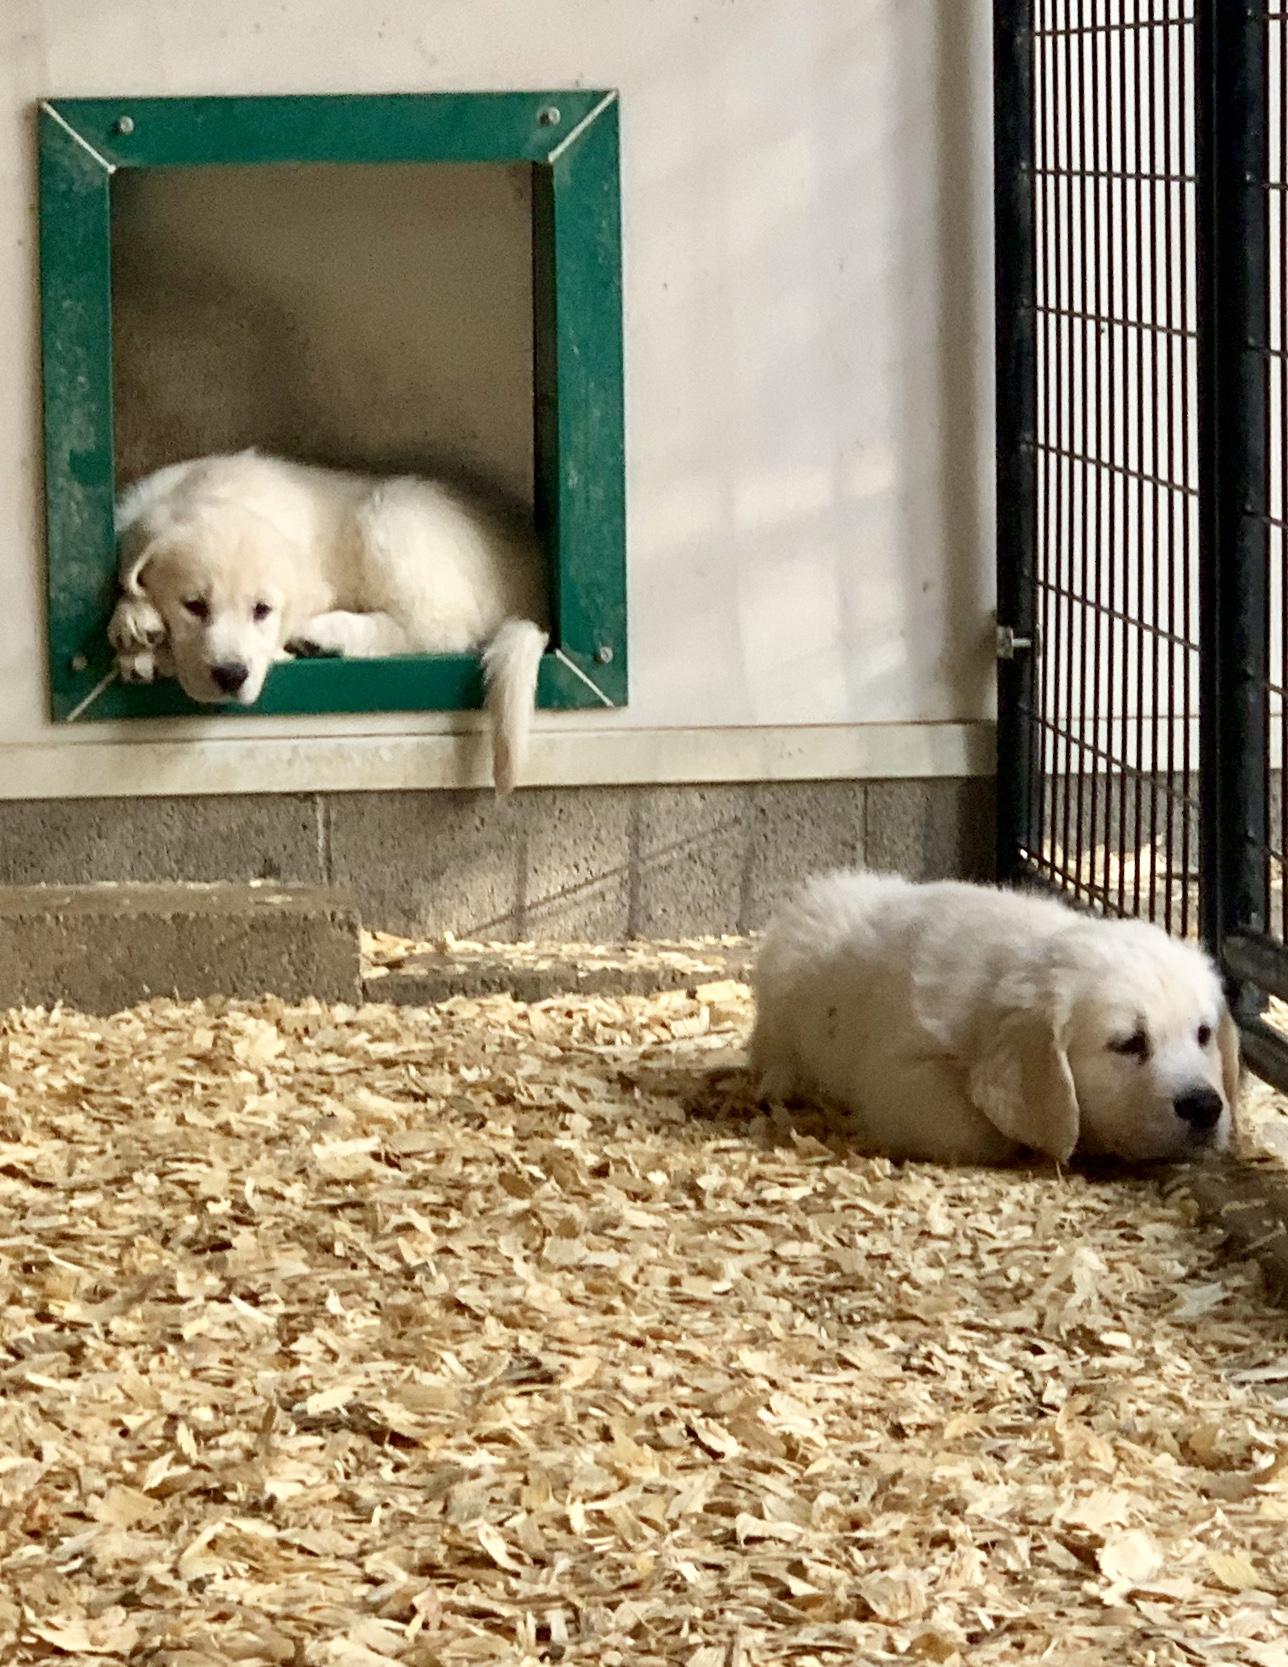 Puppies in indoor/outdoor kennels